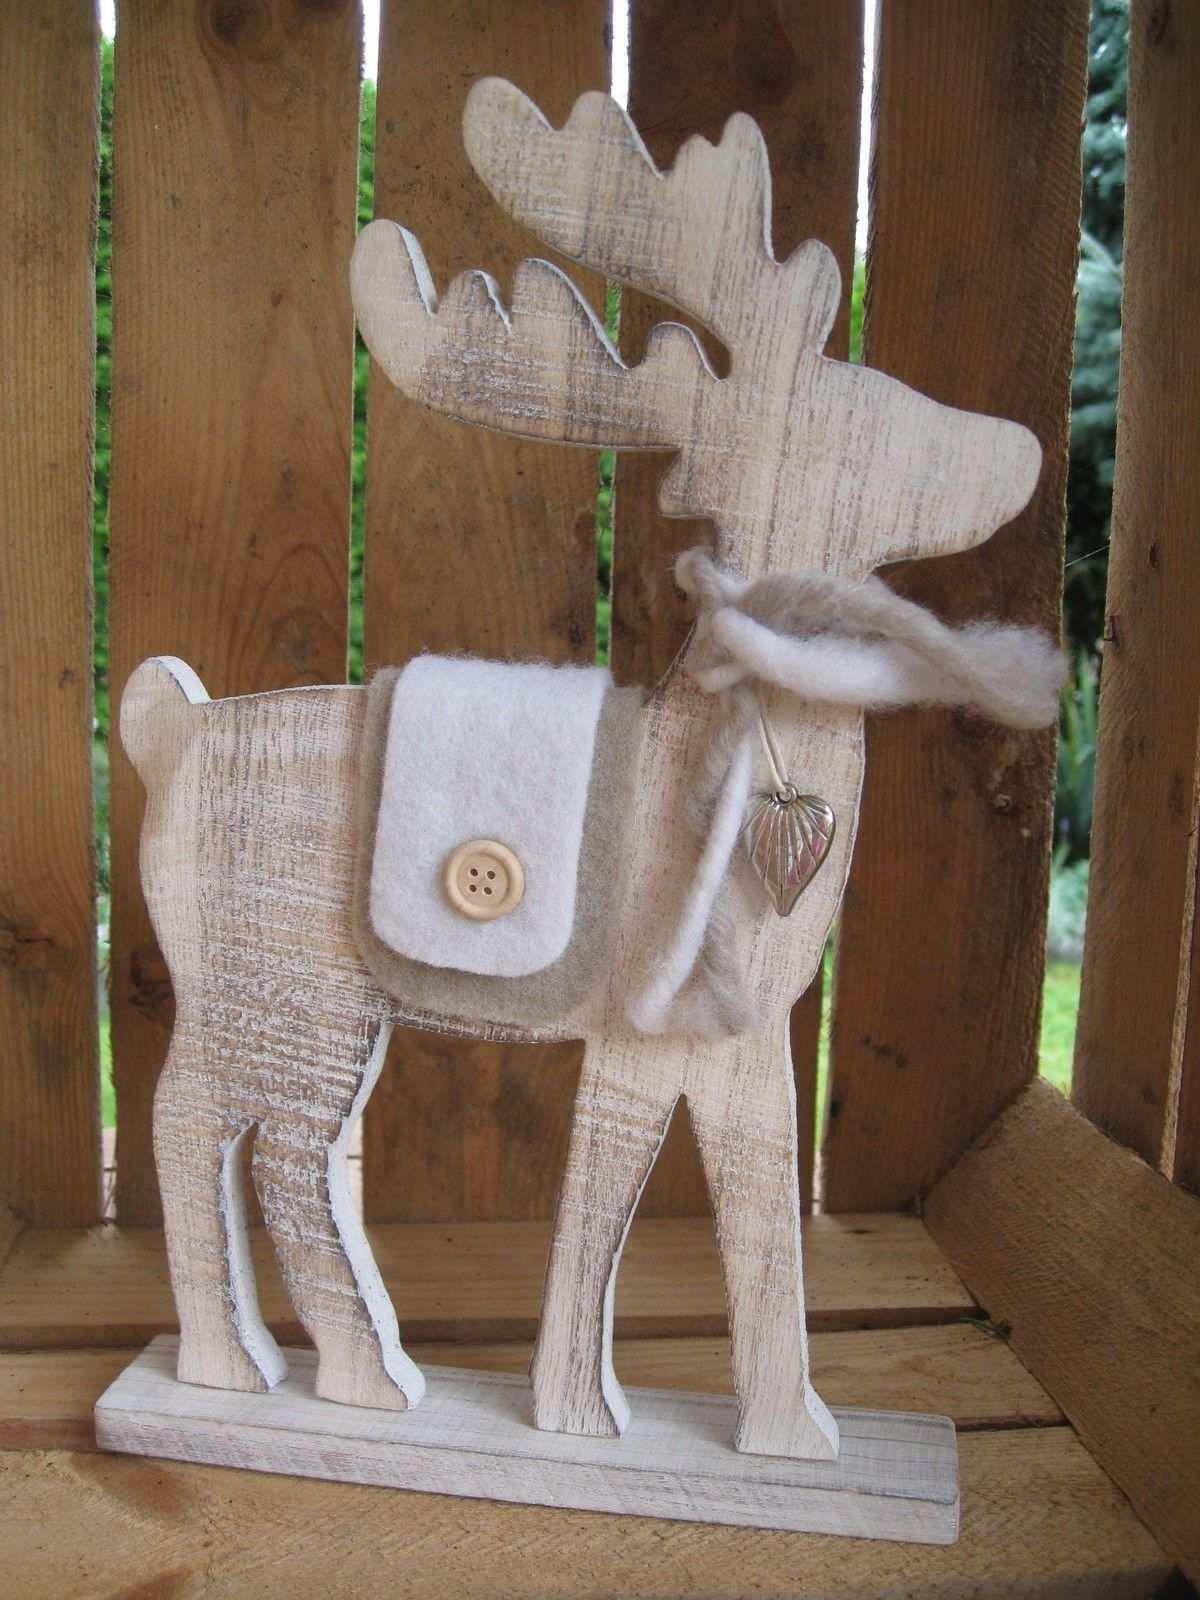 Grosser Elch Aus Holz Mit Filzdeko U Herz Rentier Weihnachten Deko Shabby Hirsch Eur 14 95 Xxl Bi Rentier Weihnachten Deko Holz Weihnachten Weihnachten Holz